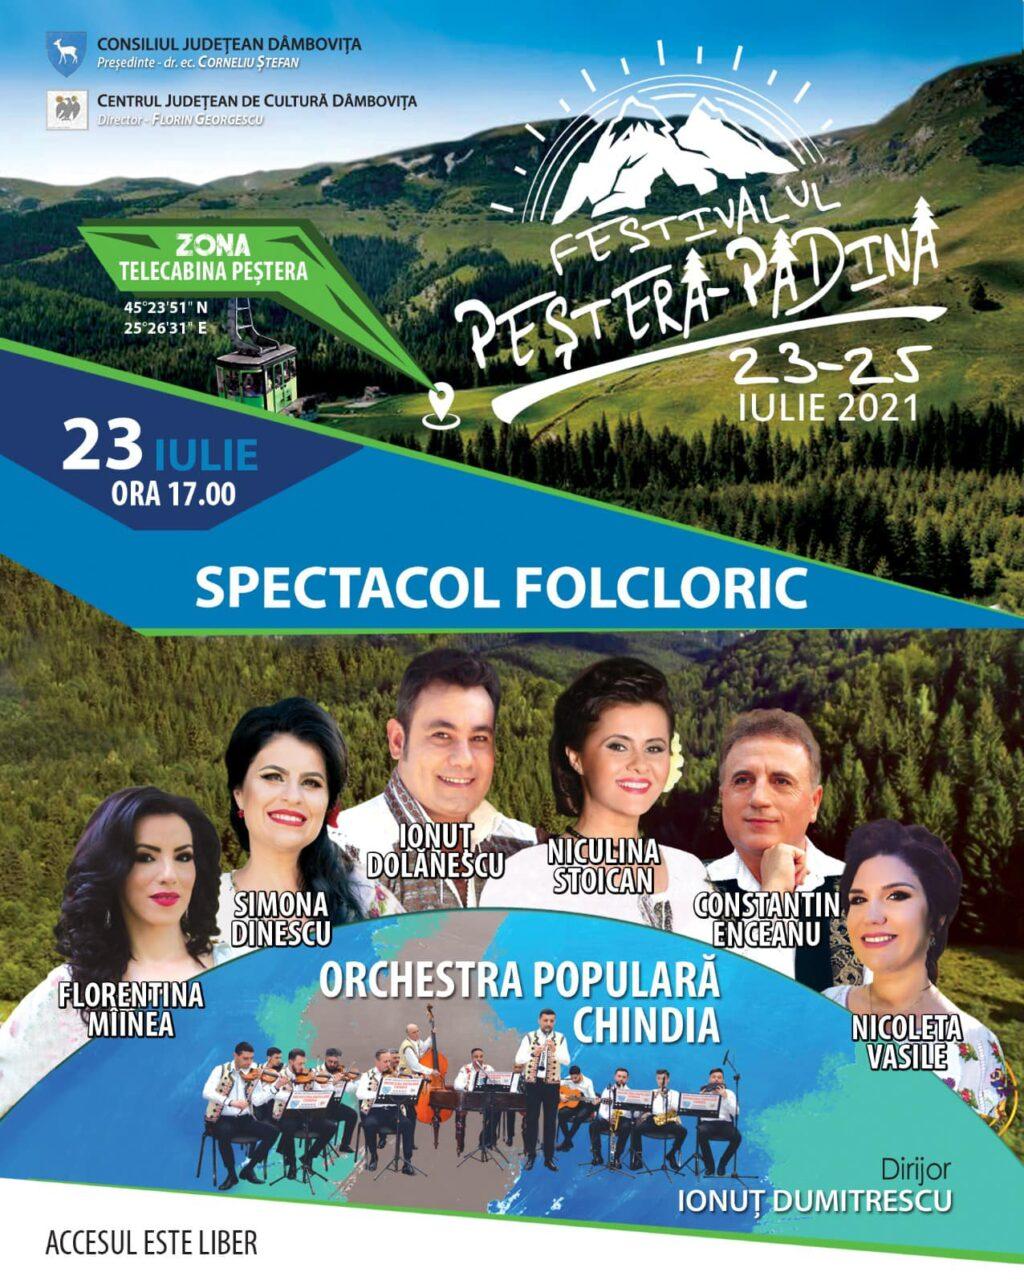 Festivalul Peștera-Padina revine cu o nouă ediție în perioada 23 – 25 iulie